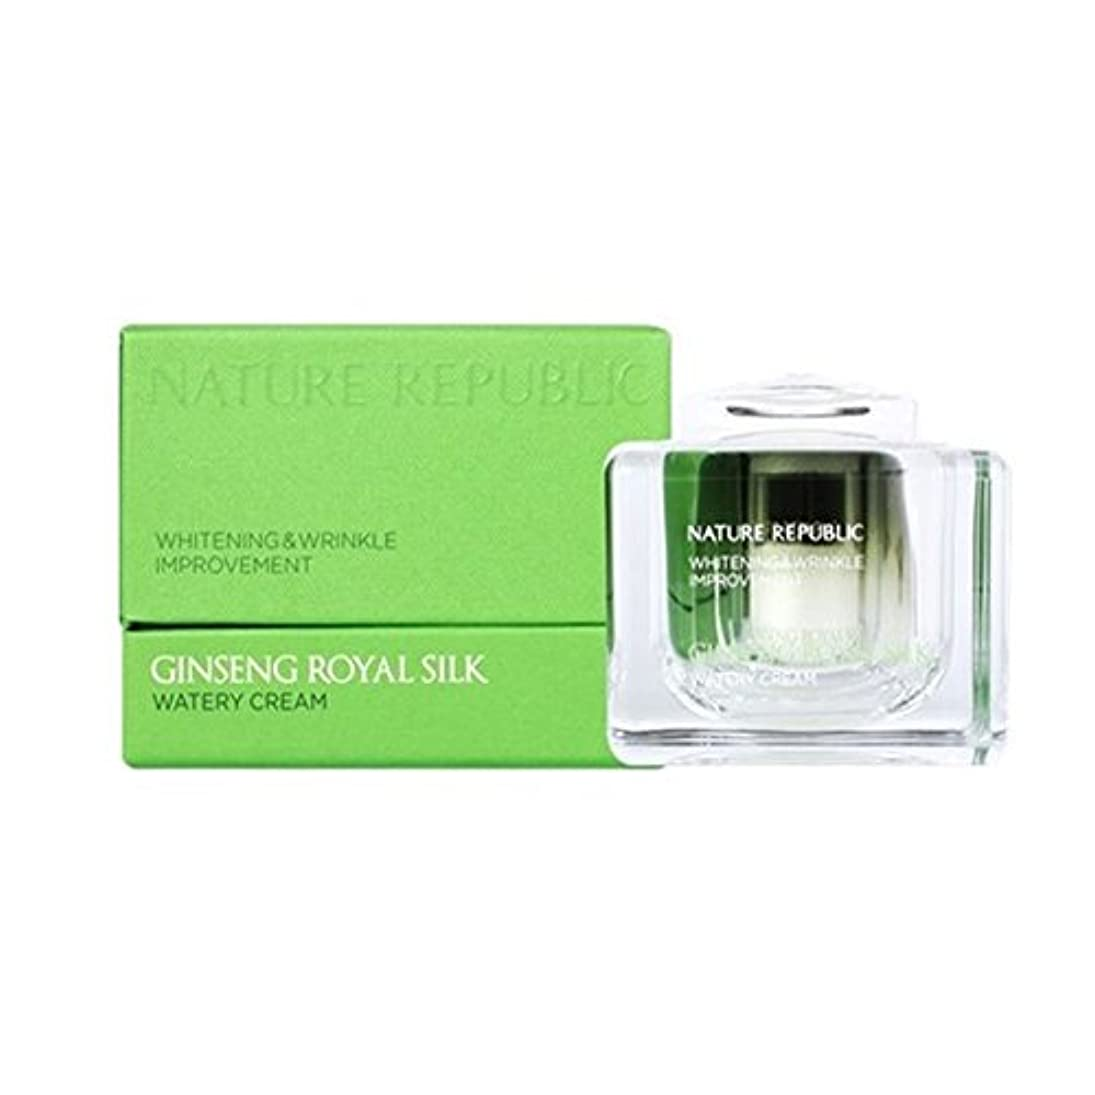 テメリティ目の前のフラフープネイチャーリパブリック(NATURE REPUBLIC)ジンセンロイヤルシルクウォトリクリーム 60ml NATURE REPUBLIC Ginseng Royal Silk Watery Cream 60ml [並行輸入品]